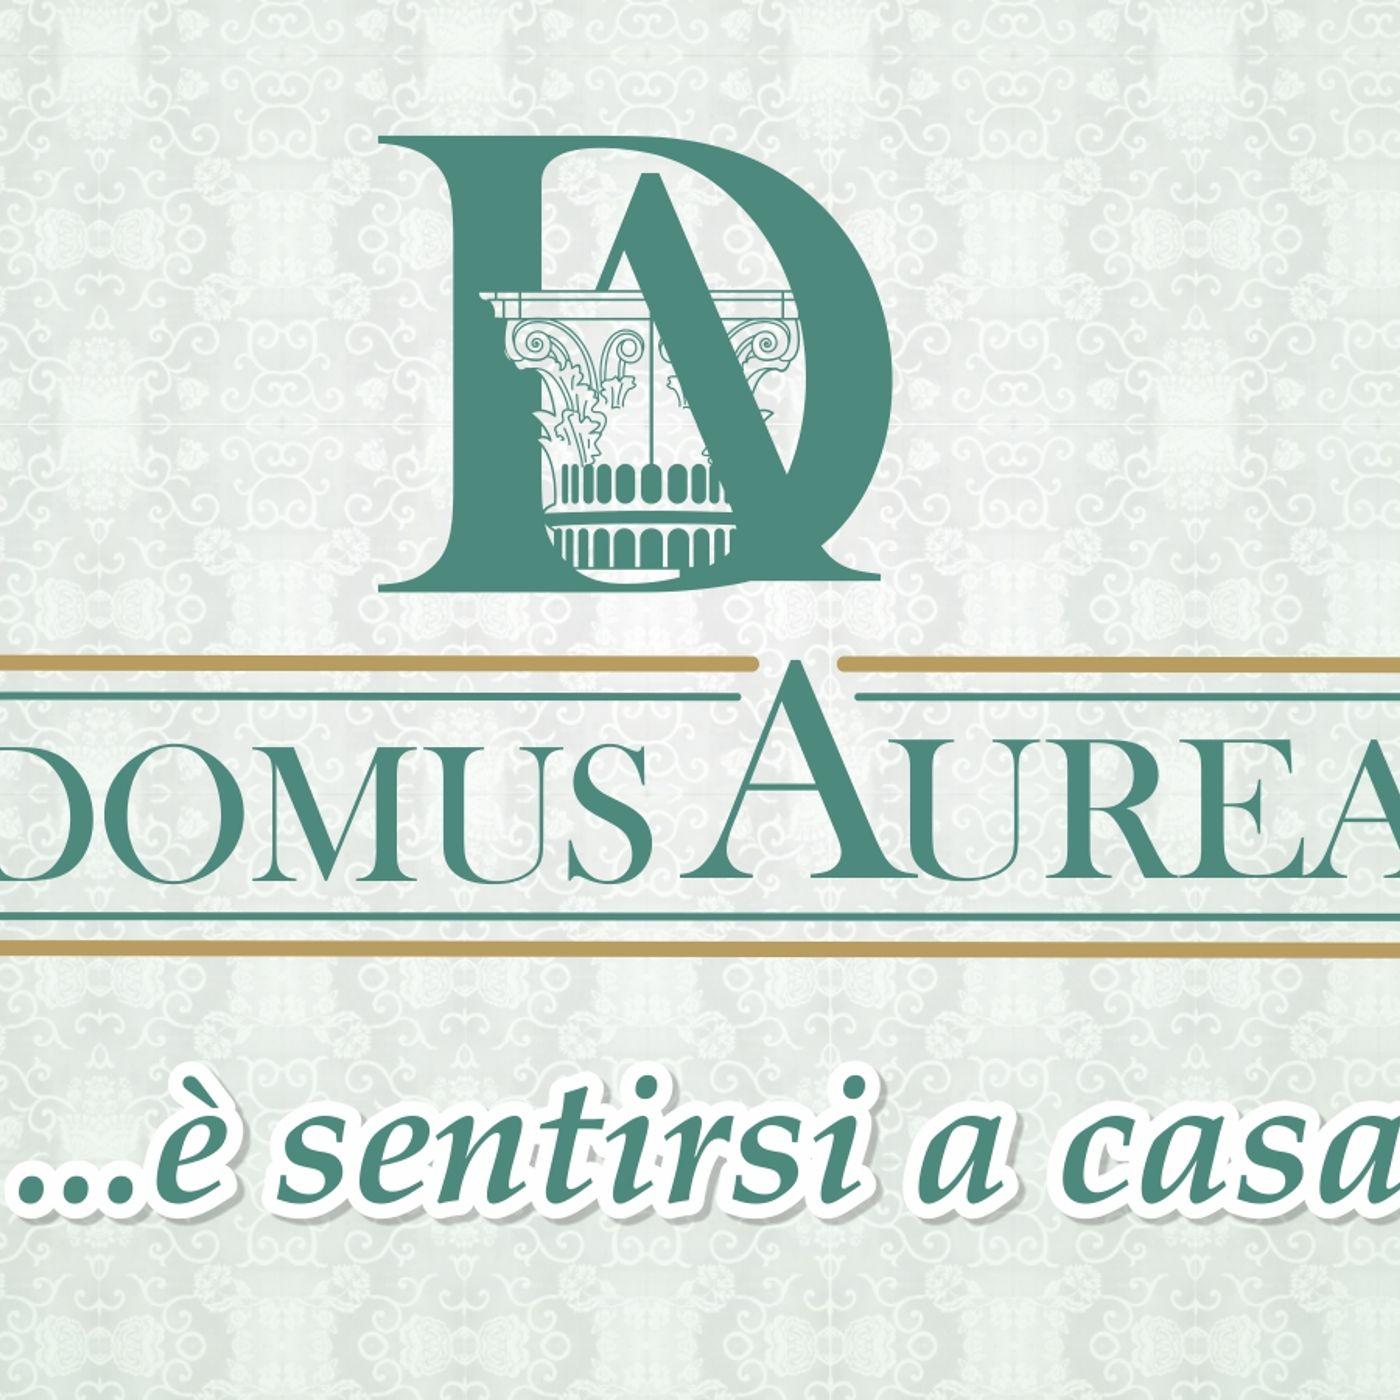 Spot RSA Domus Aurea Castelforte